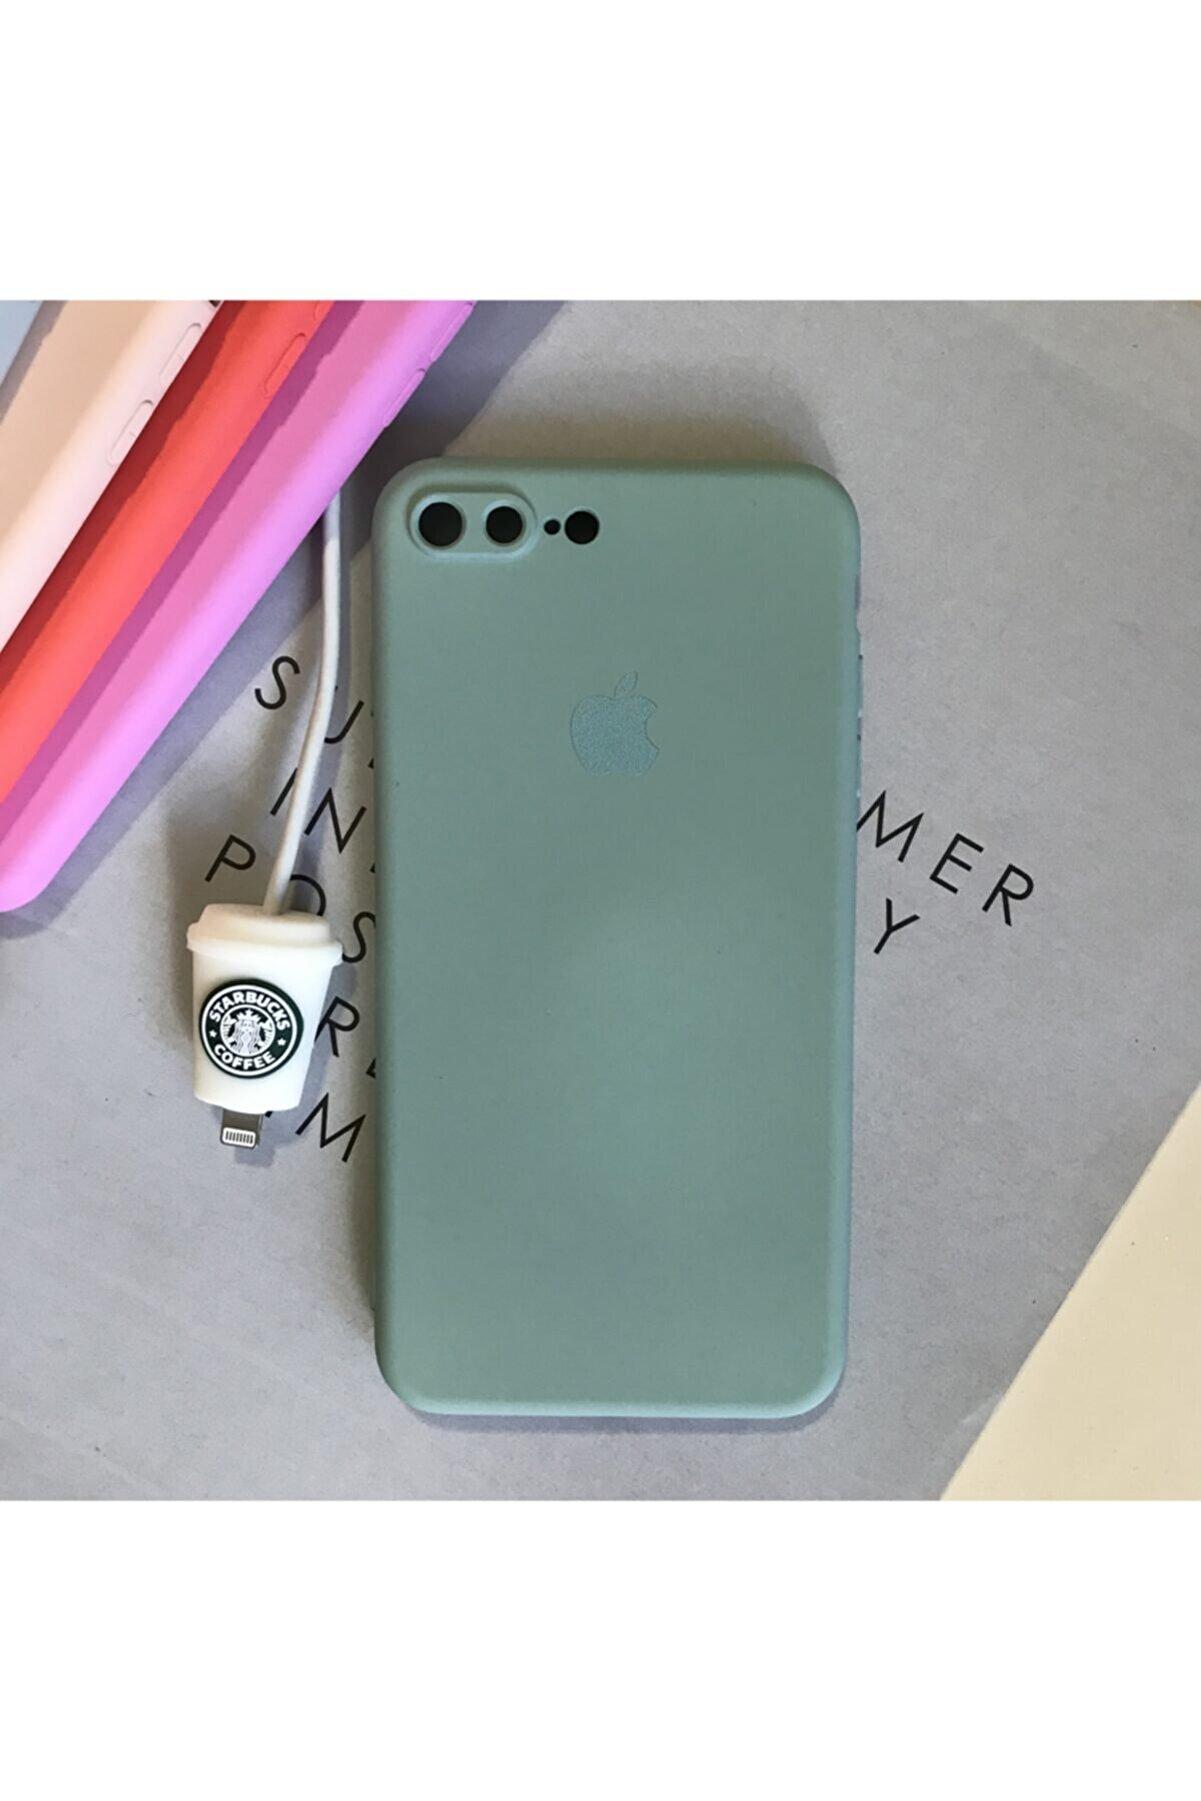 SUPPO Iphone 7 Plus Ve 8 Plus Modellere Uyumlu, Logolu Lansman Kılıf Ve Kablo Koruyucu (new Color)